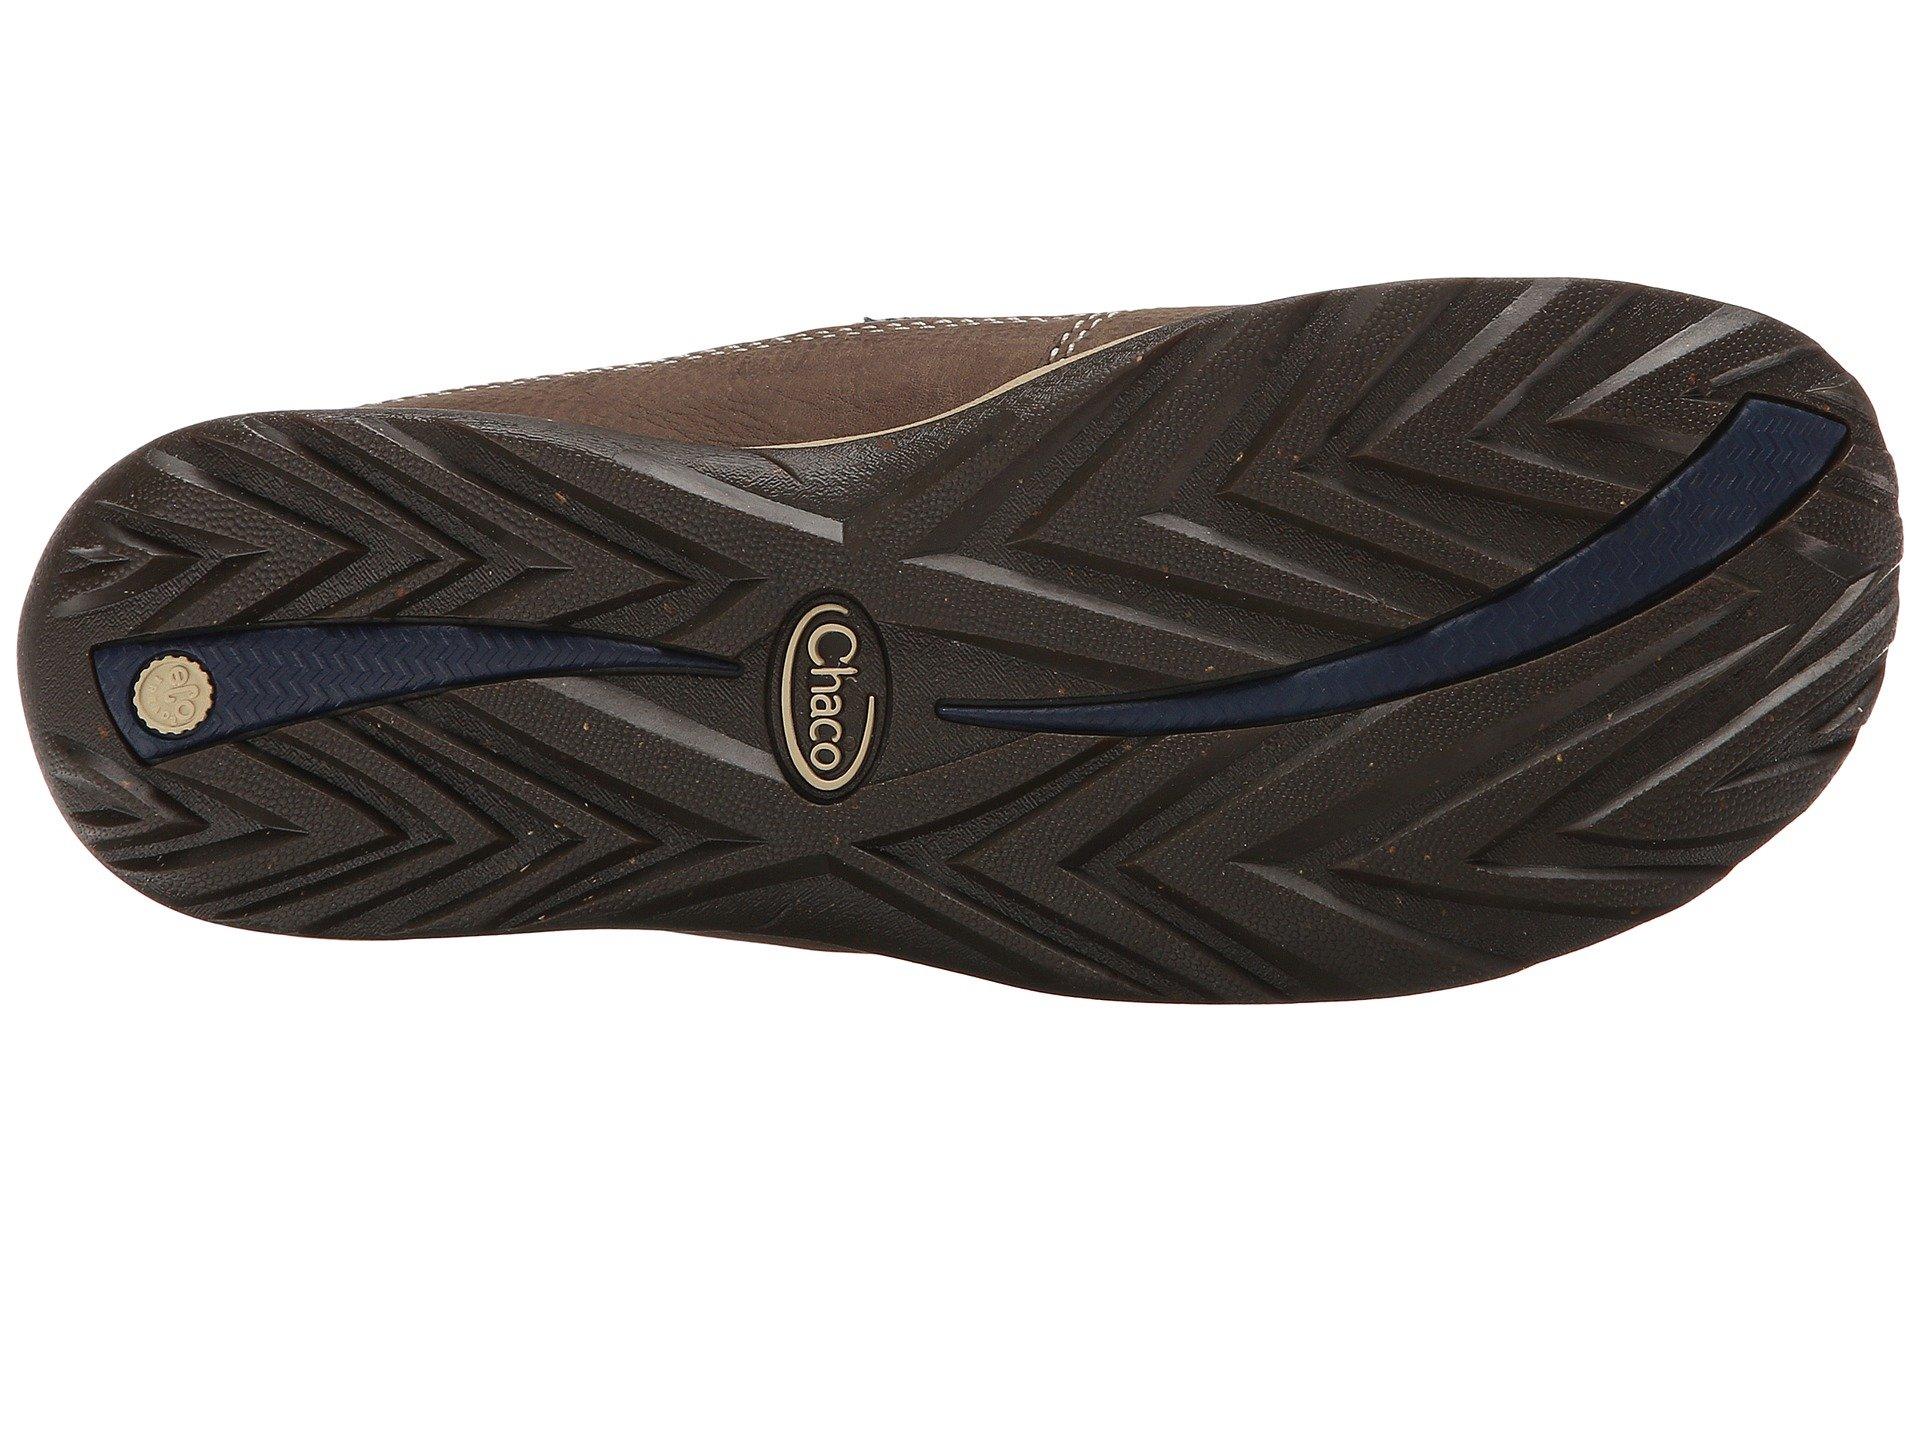 Womens Chaco Quinn Shoes